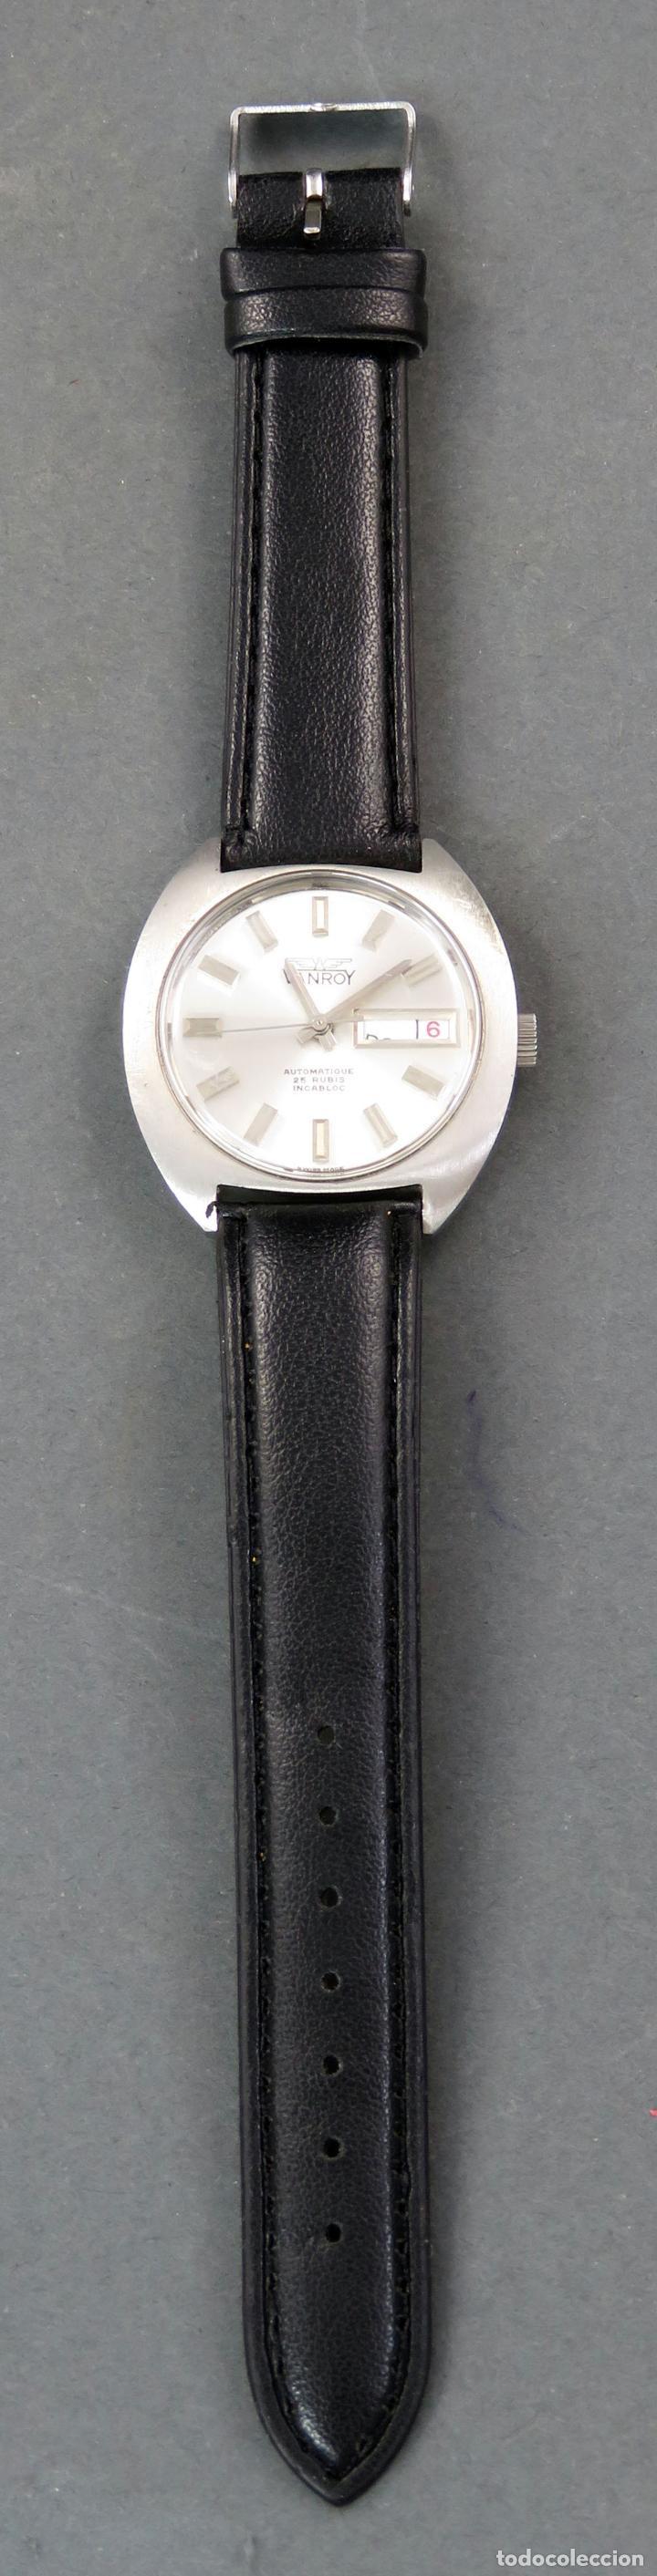 Relojes automáticos: Reloj automático Vanroy Automatique 25 rubis Incabloc Swiss Made Funciona - Foto 2 - 143166606